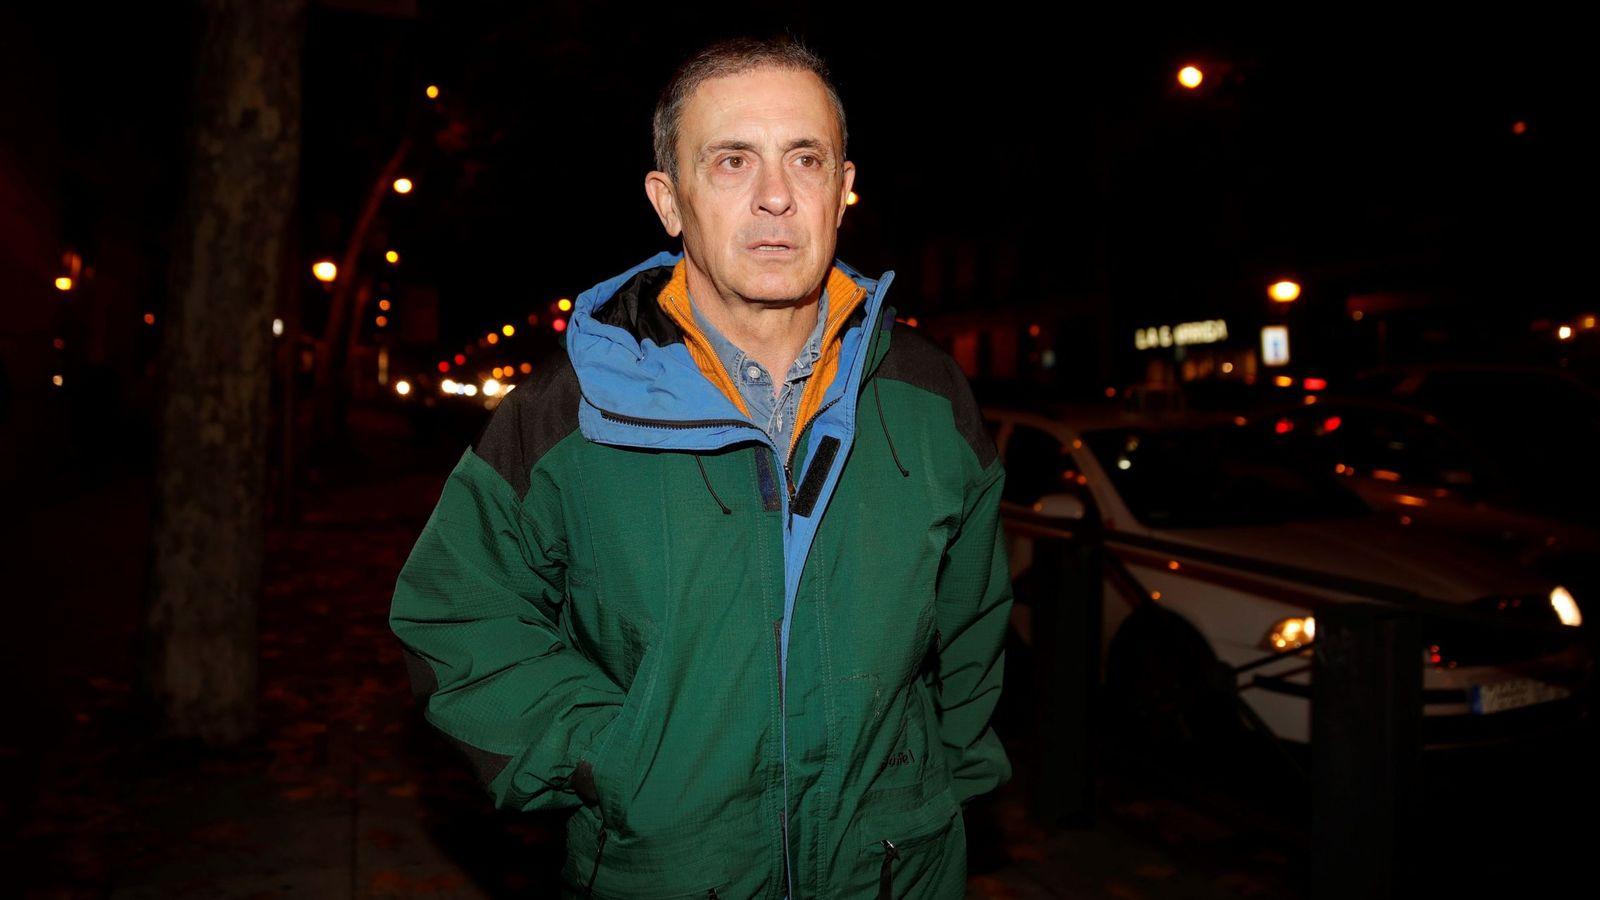 Foto: Jordi Pujol Ferrusola, primogénito del expresidente catalán, a su llegada a la Audiencia Nacional. (EFE)